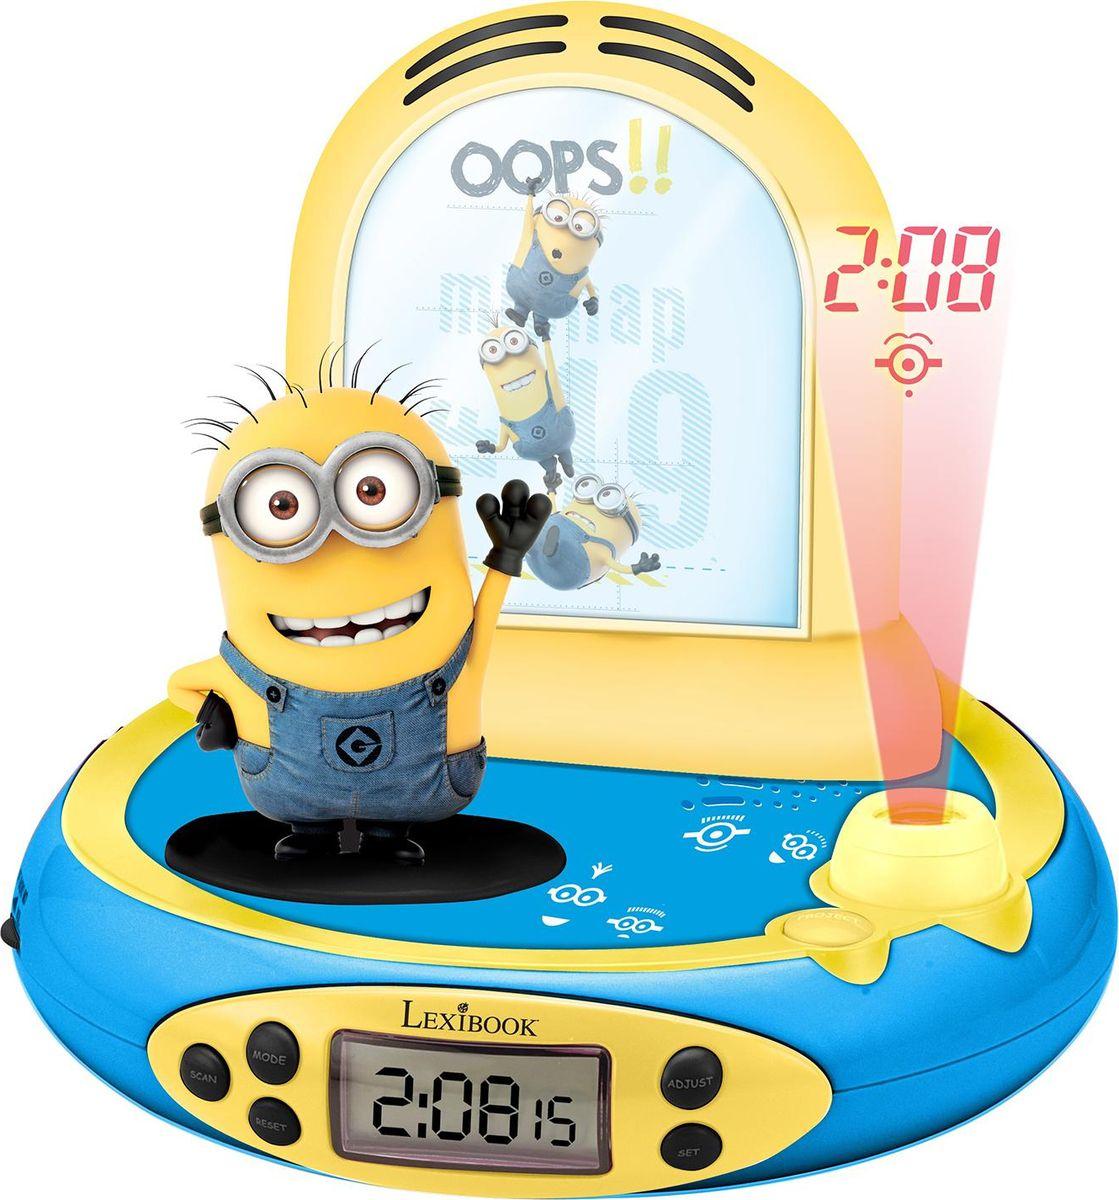 Lexibook Часы-будильник-проектор Миньоны267368Ваши любимые герои теперь будут еще ближе! Удобные радио-часы с ЖК экраном, сделанные в дизайне Миньонов, героев любимых мультфильмов компании Иллюминейшн - Гадкий Я, с функцией будильника, ночника и проектора, который проецирует время на потолок. Продукт произведен по официальной лицензии, прекрасный подарок детям и их родителям !